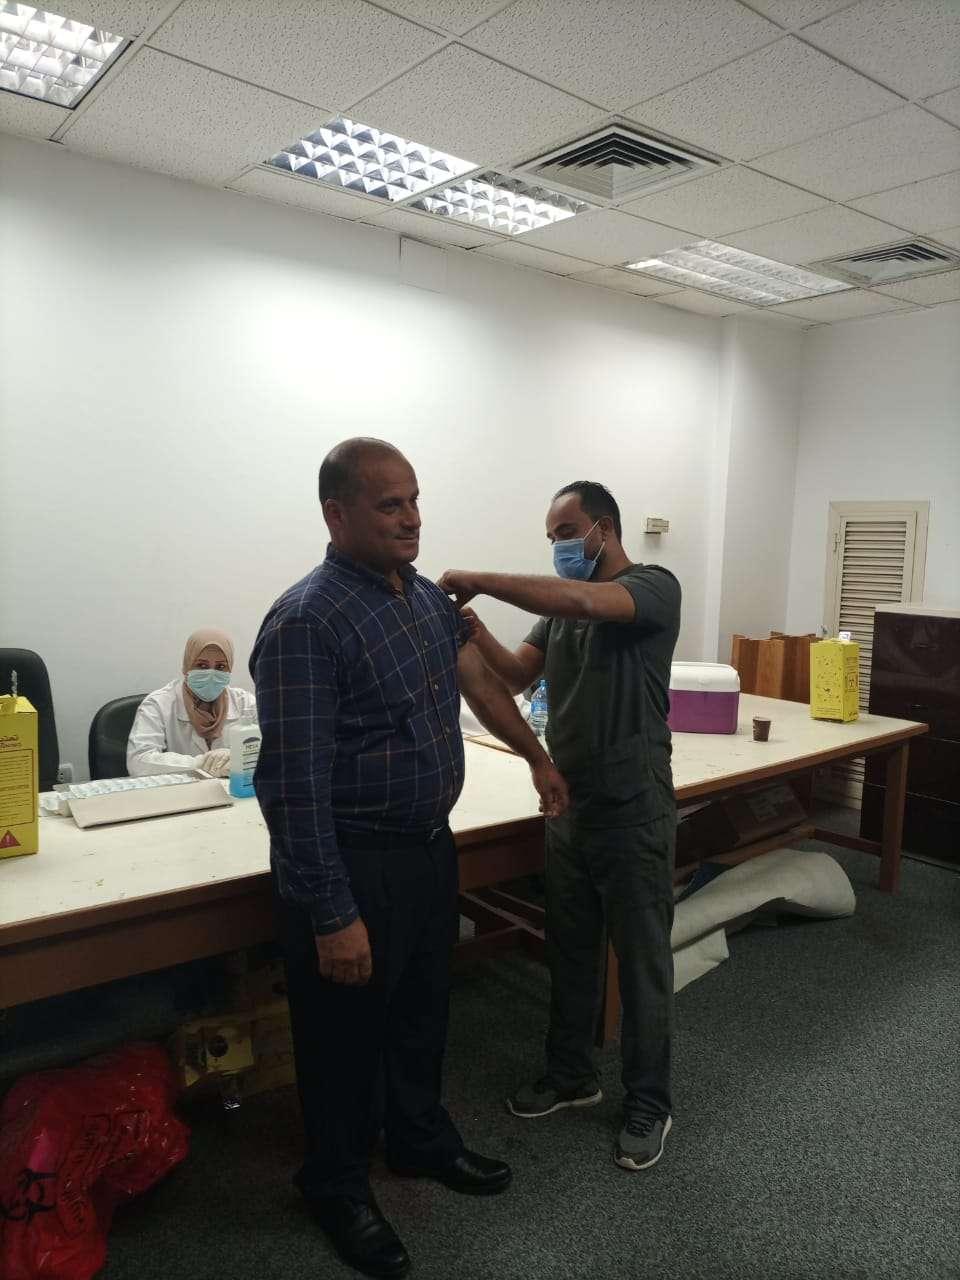 استمرار تطعيم الأساتذة والعاملين والطلاب ضد كورونا بجامعة حلوان